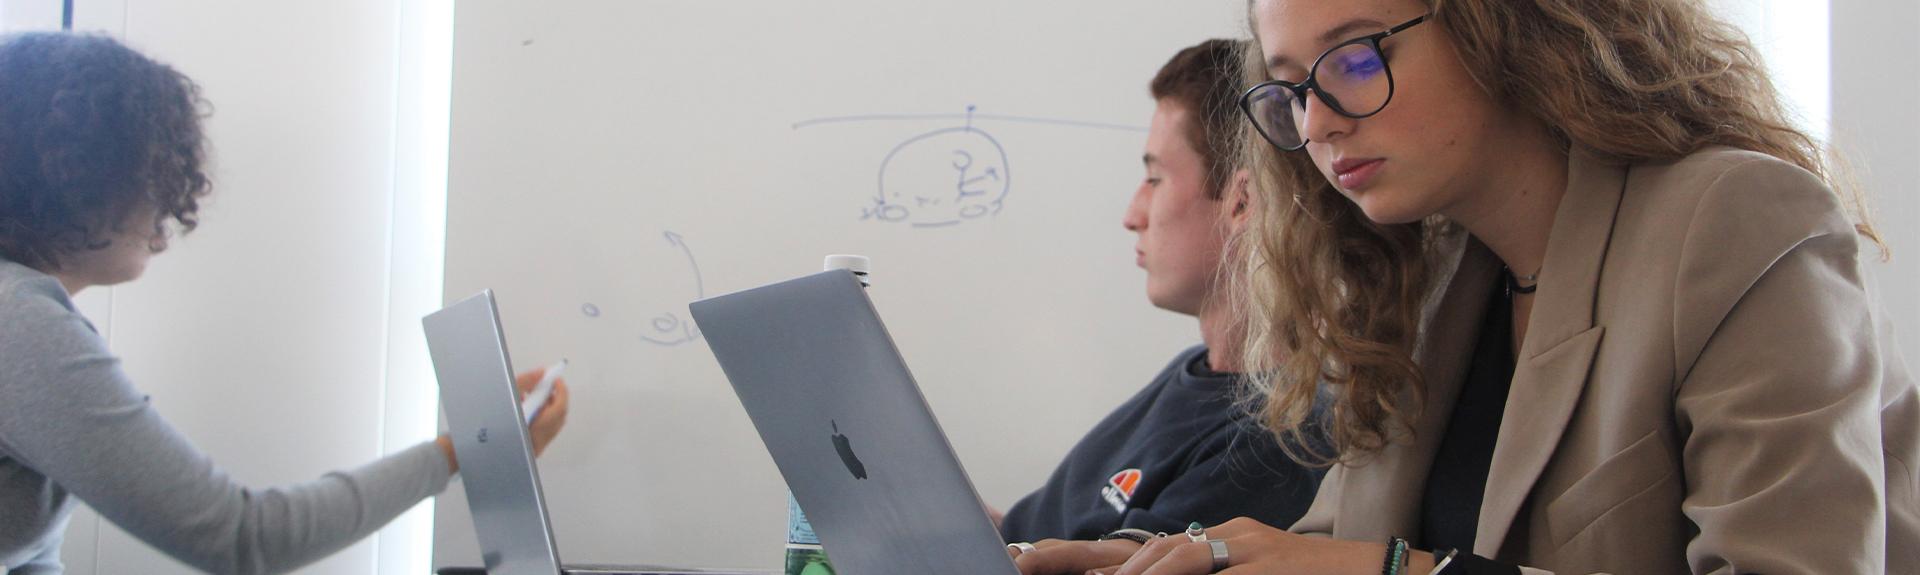 header étudiants en cours sur ordinateur